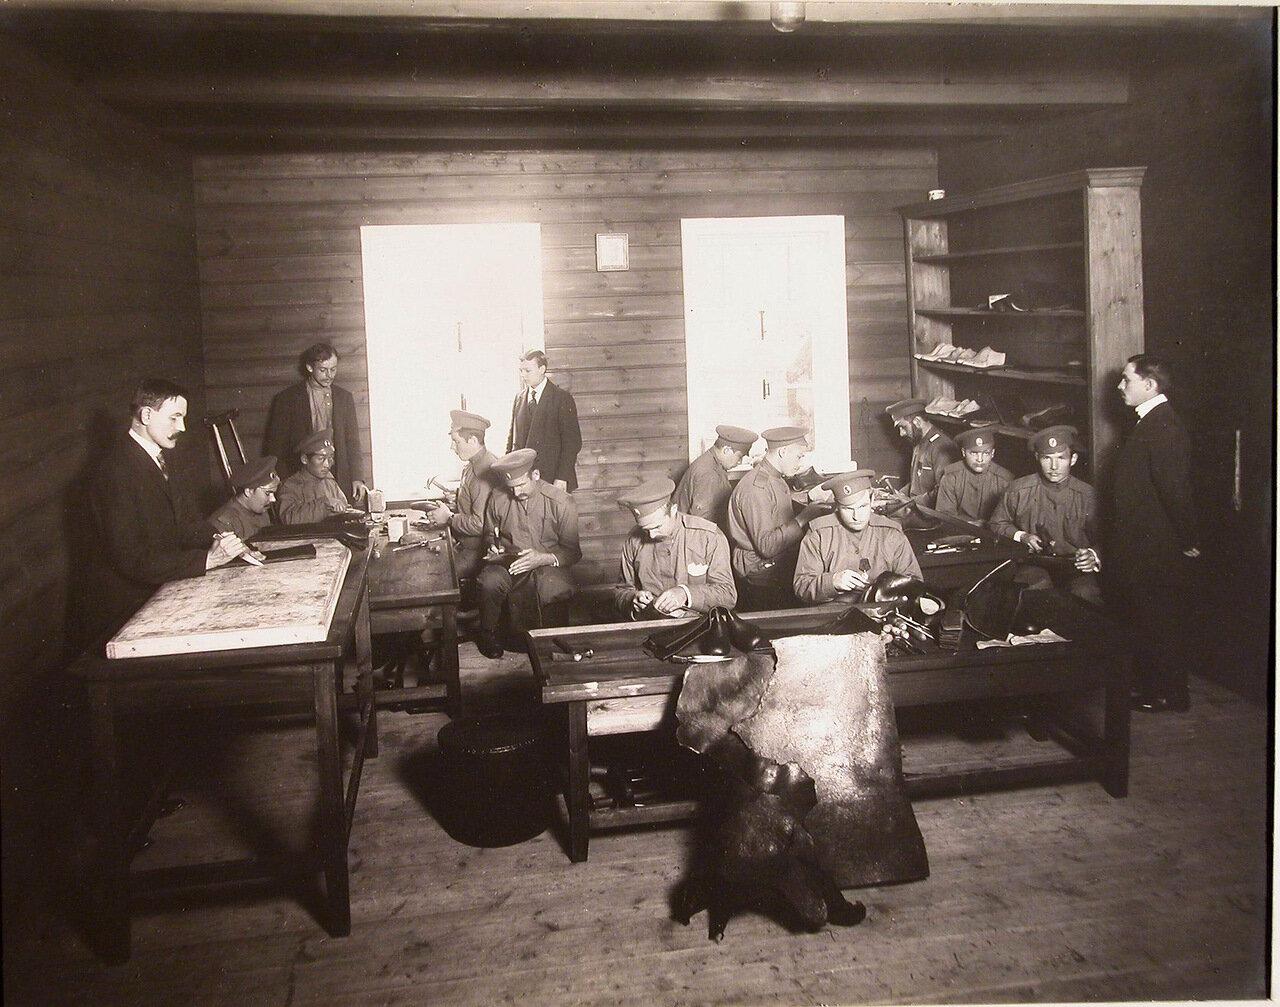 08. Группа нижних чинов, призреваемых в убежище, за работой в летней сапожной мастерской